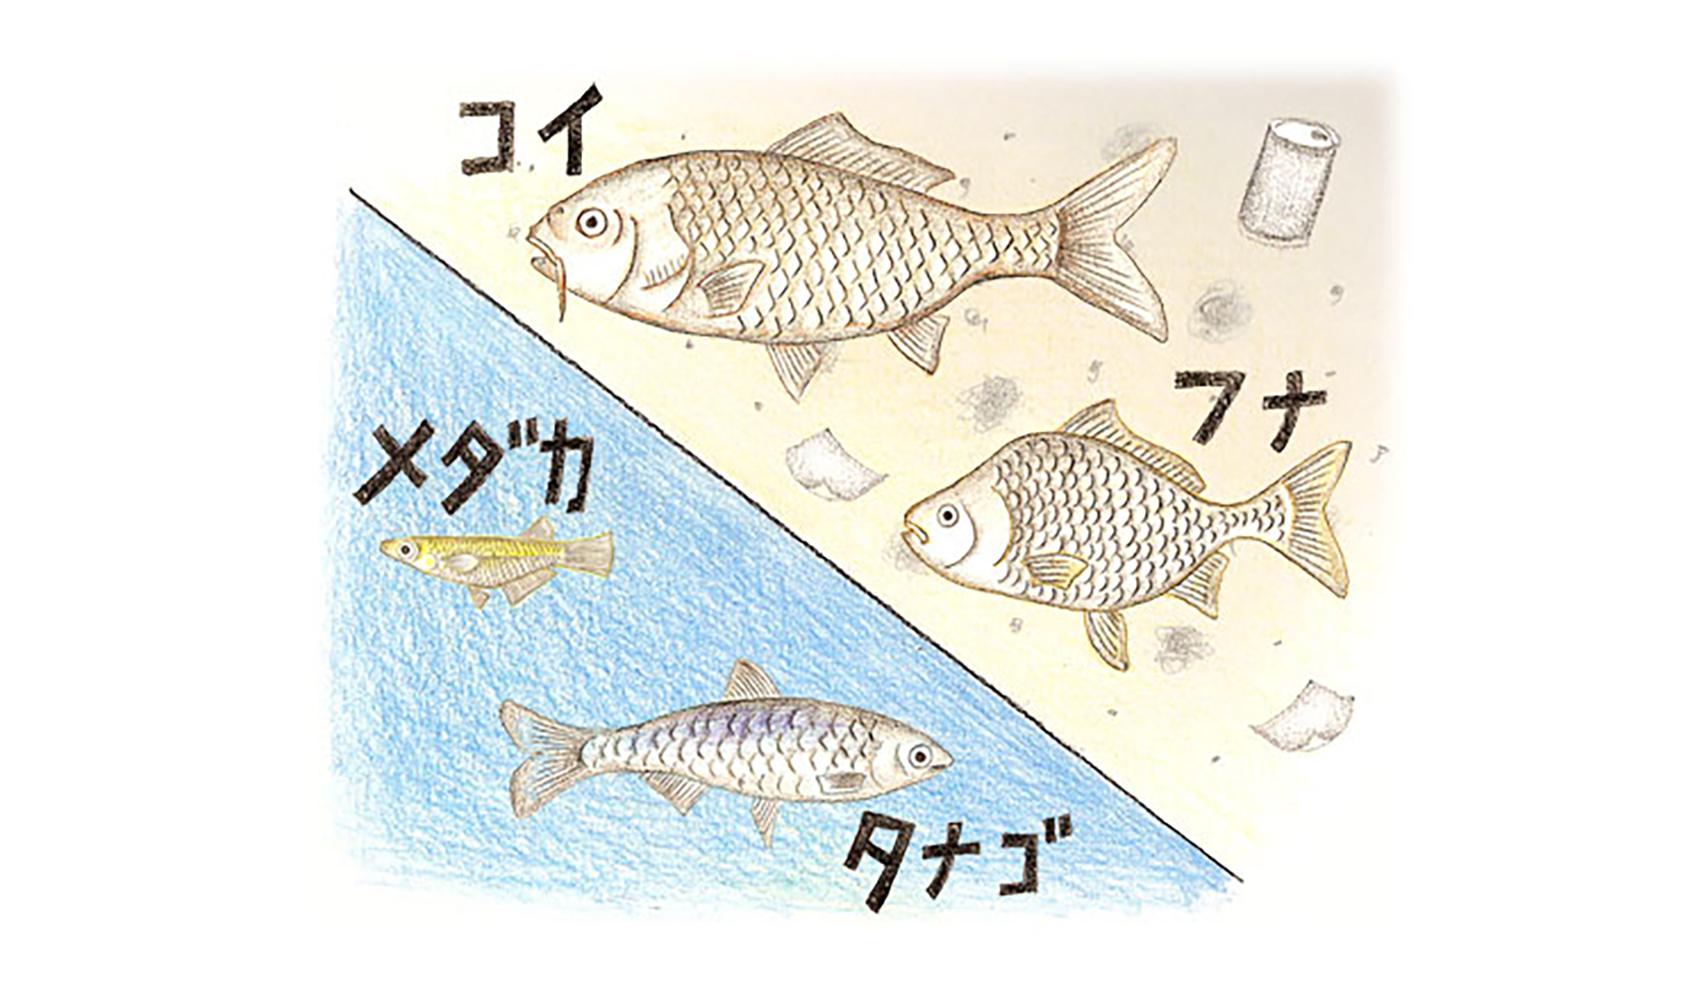 川のよごれによって住む魚はちがってくるのですか?